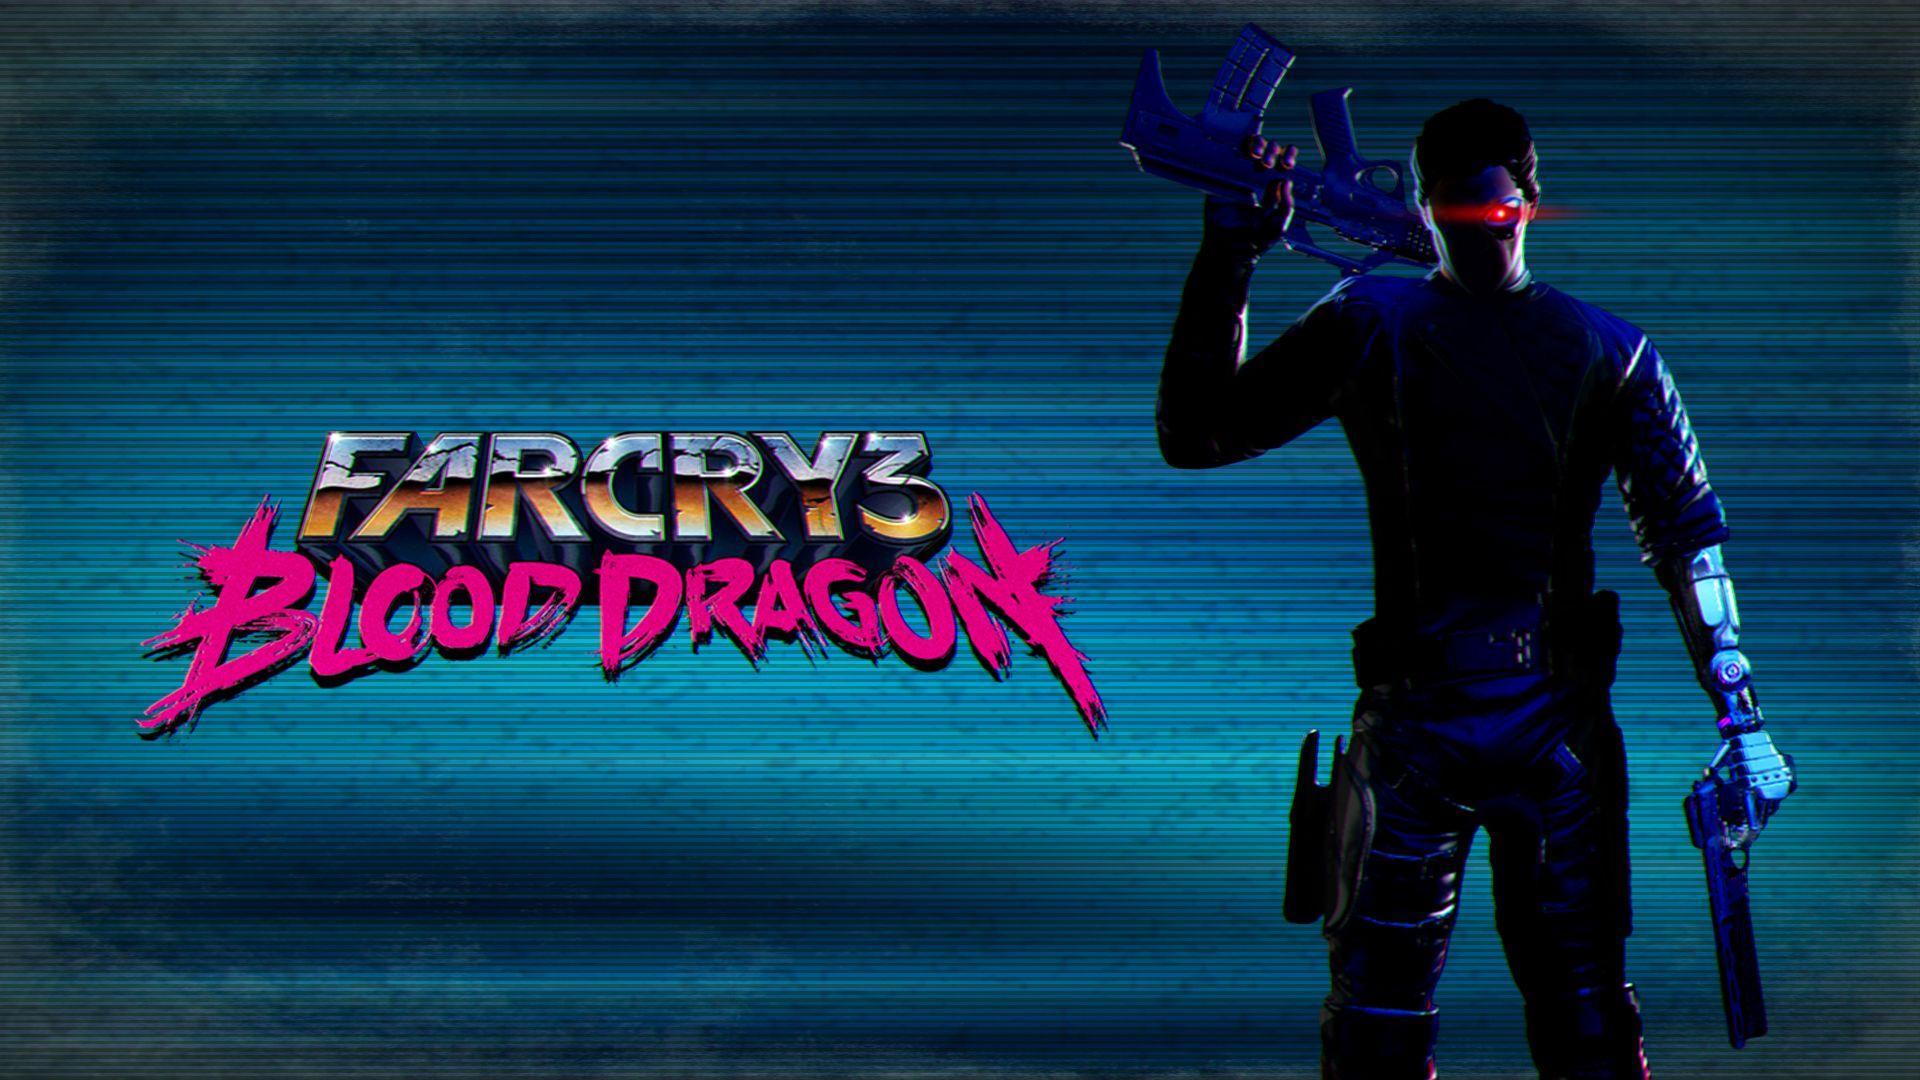 Far Cry 3 Blood Dragon Far Cry Dragon Bottom Of The Ocean Crying